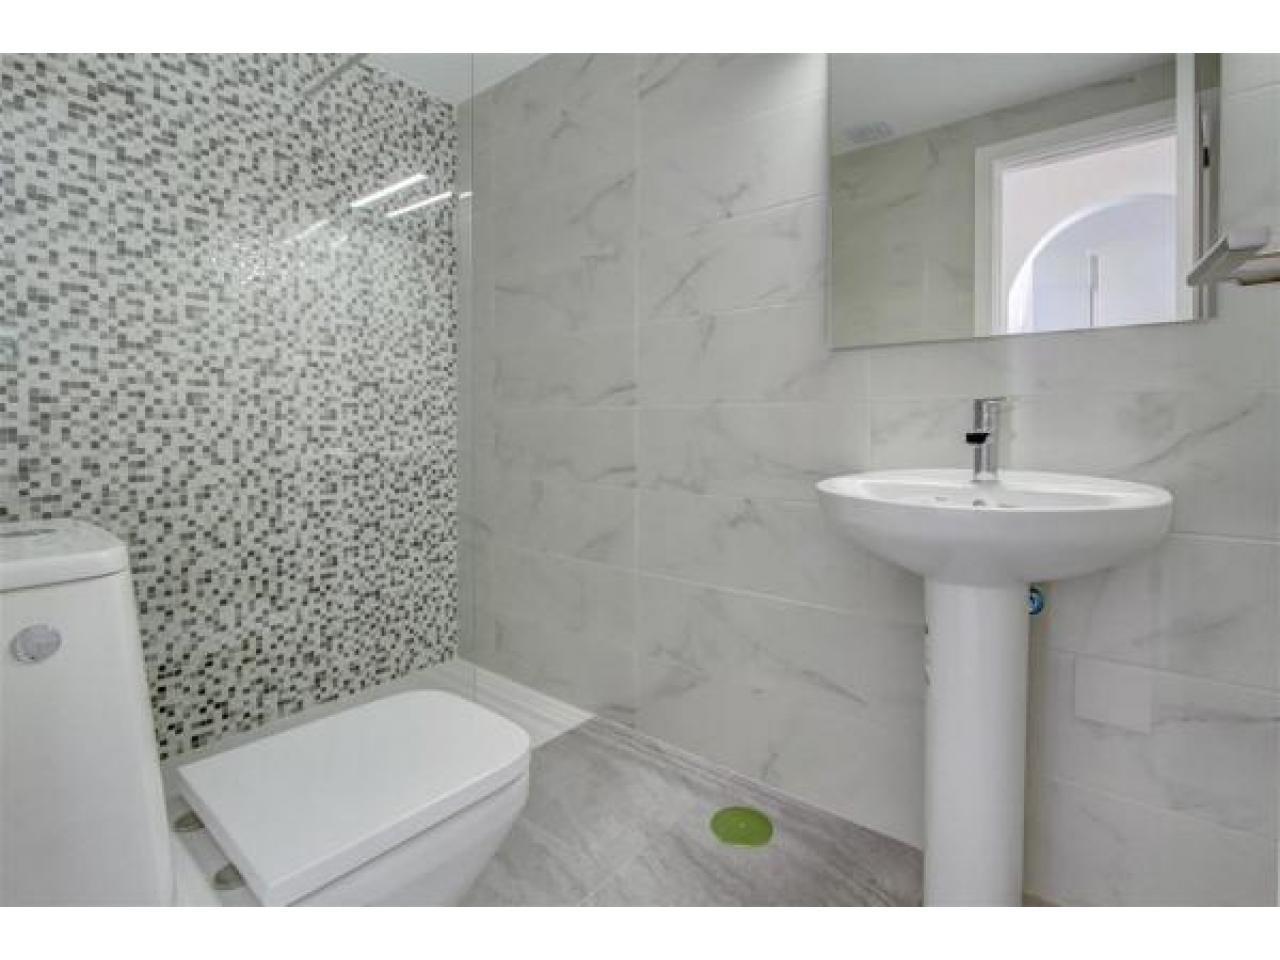 Недвижимость в Испании, Бунгало в Ориуэла Коста,Коста Бланка,Испания - 9